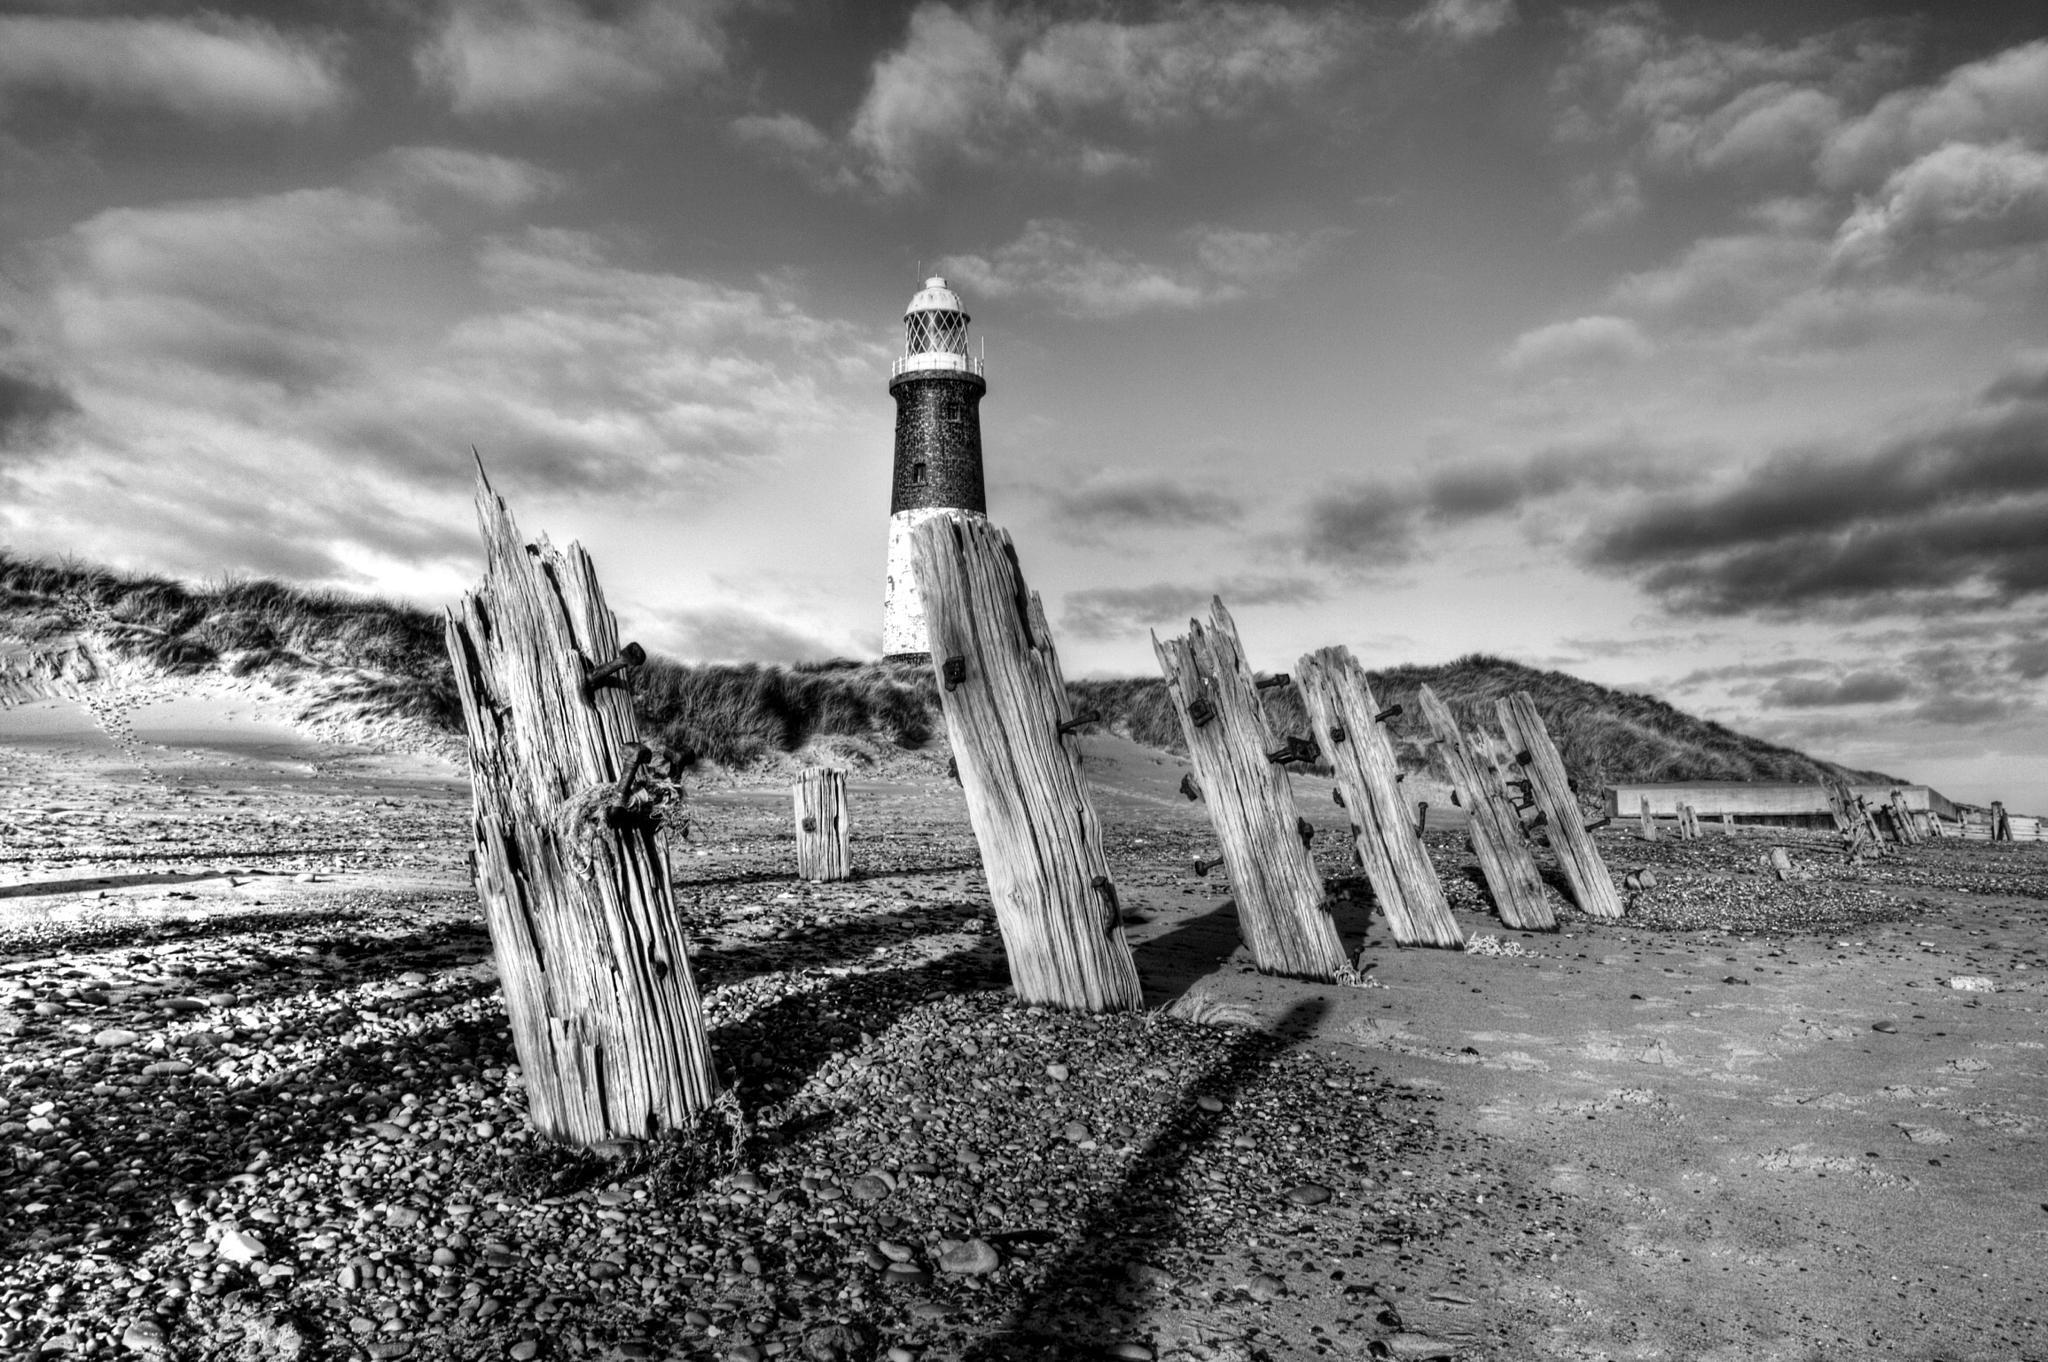 Spurn Coast by slcouzens